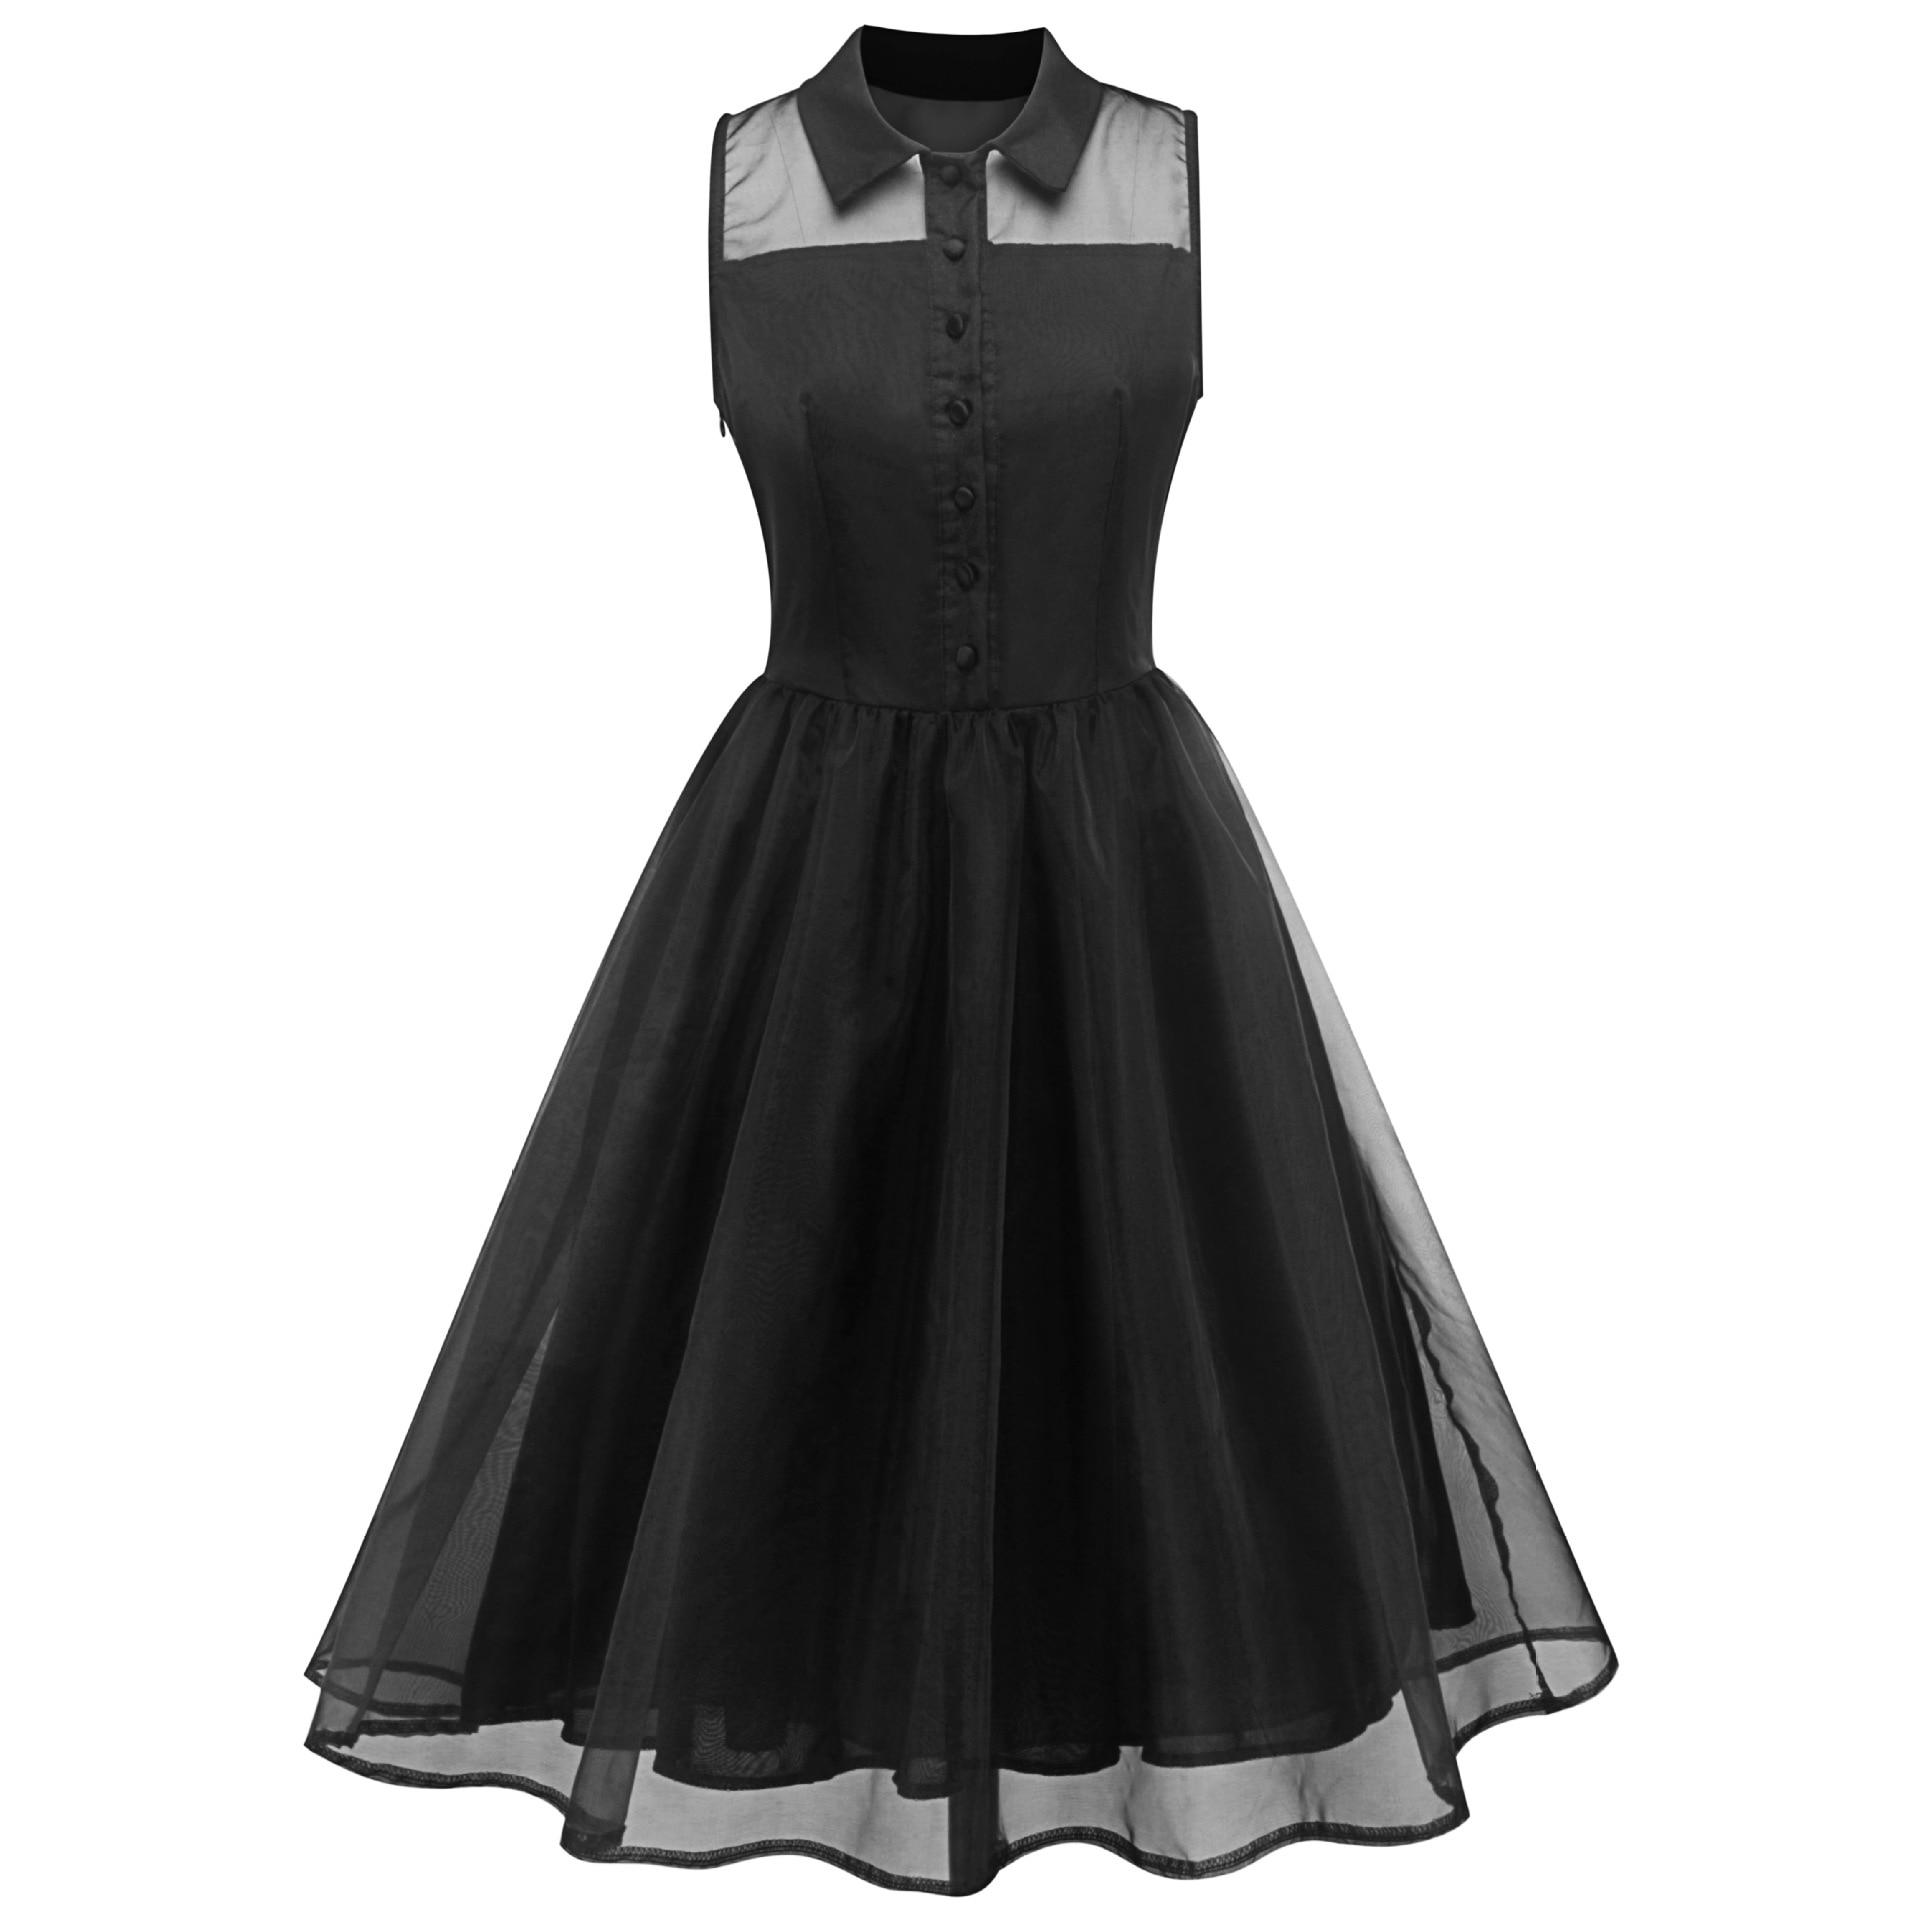 Women Dresses Black Mesh Multi-Layer Splice Retro Sleeveless Buttons Elegant Summer Dress